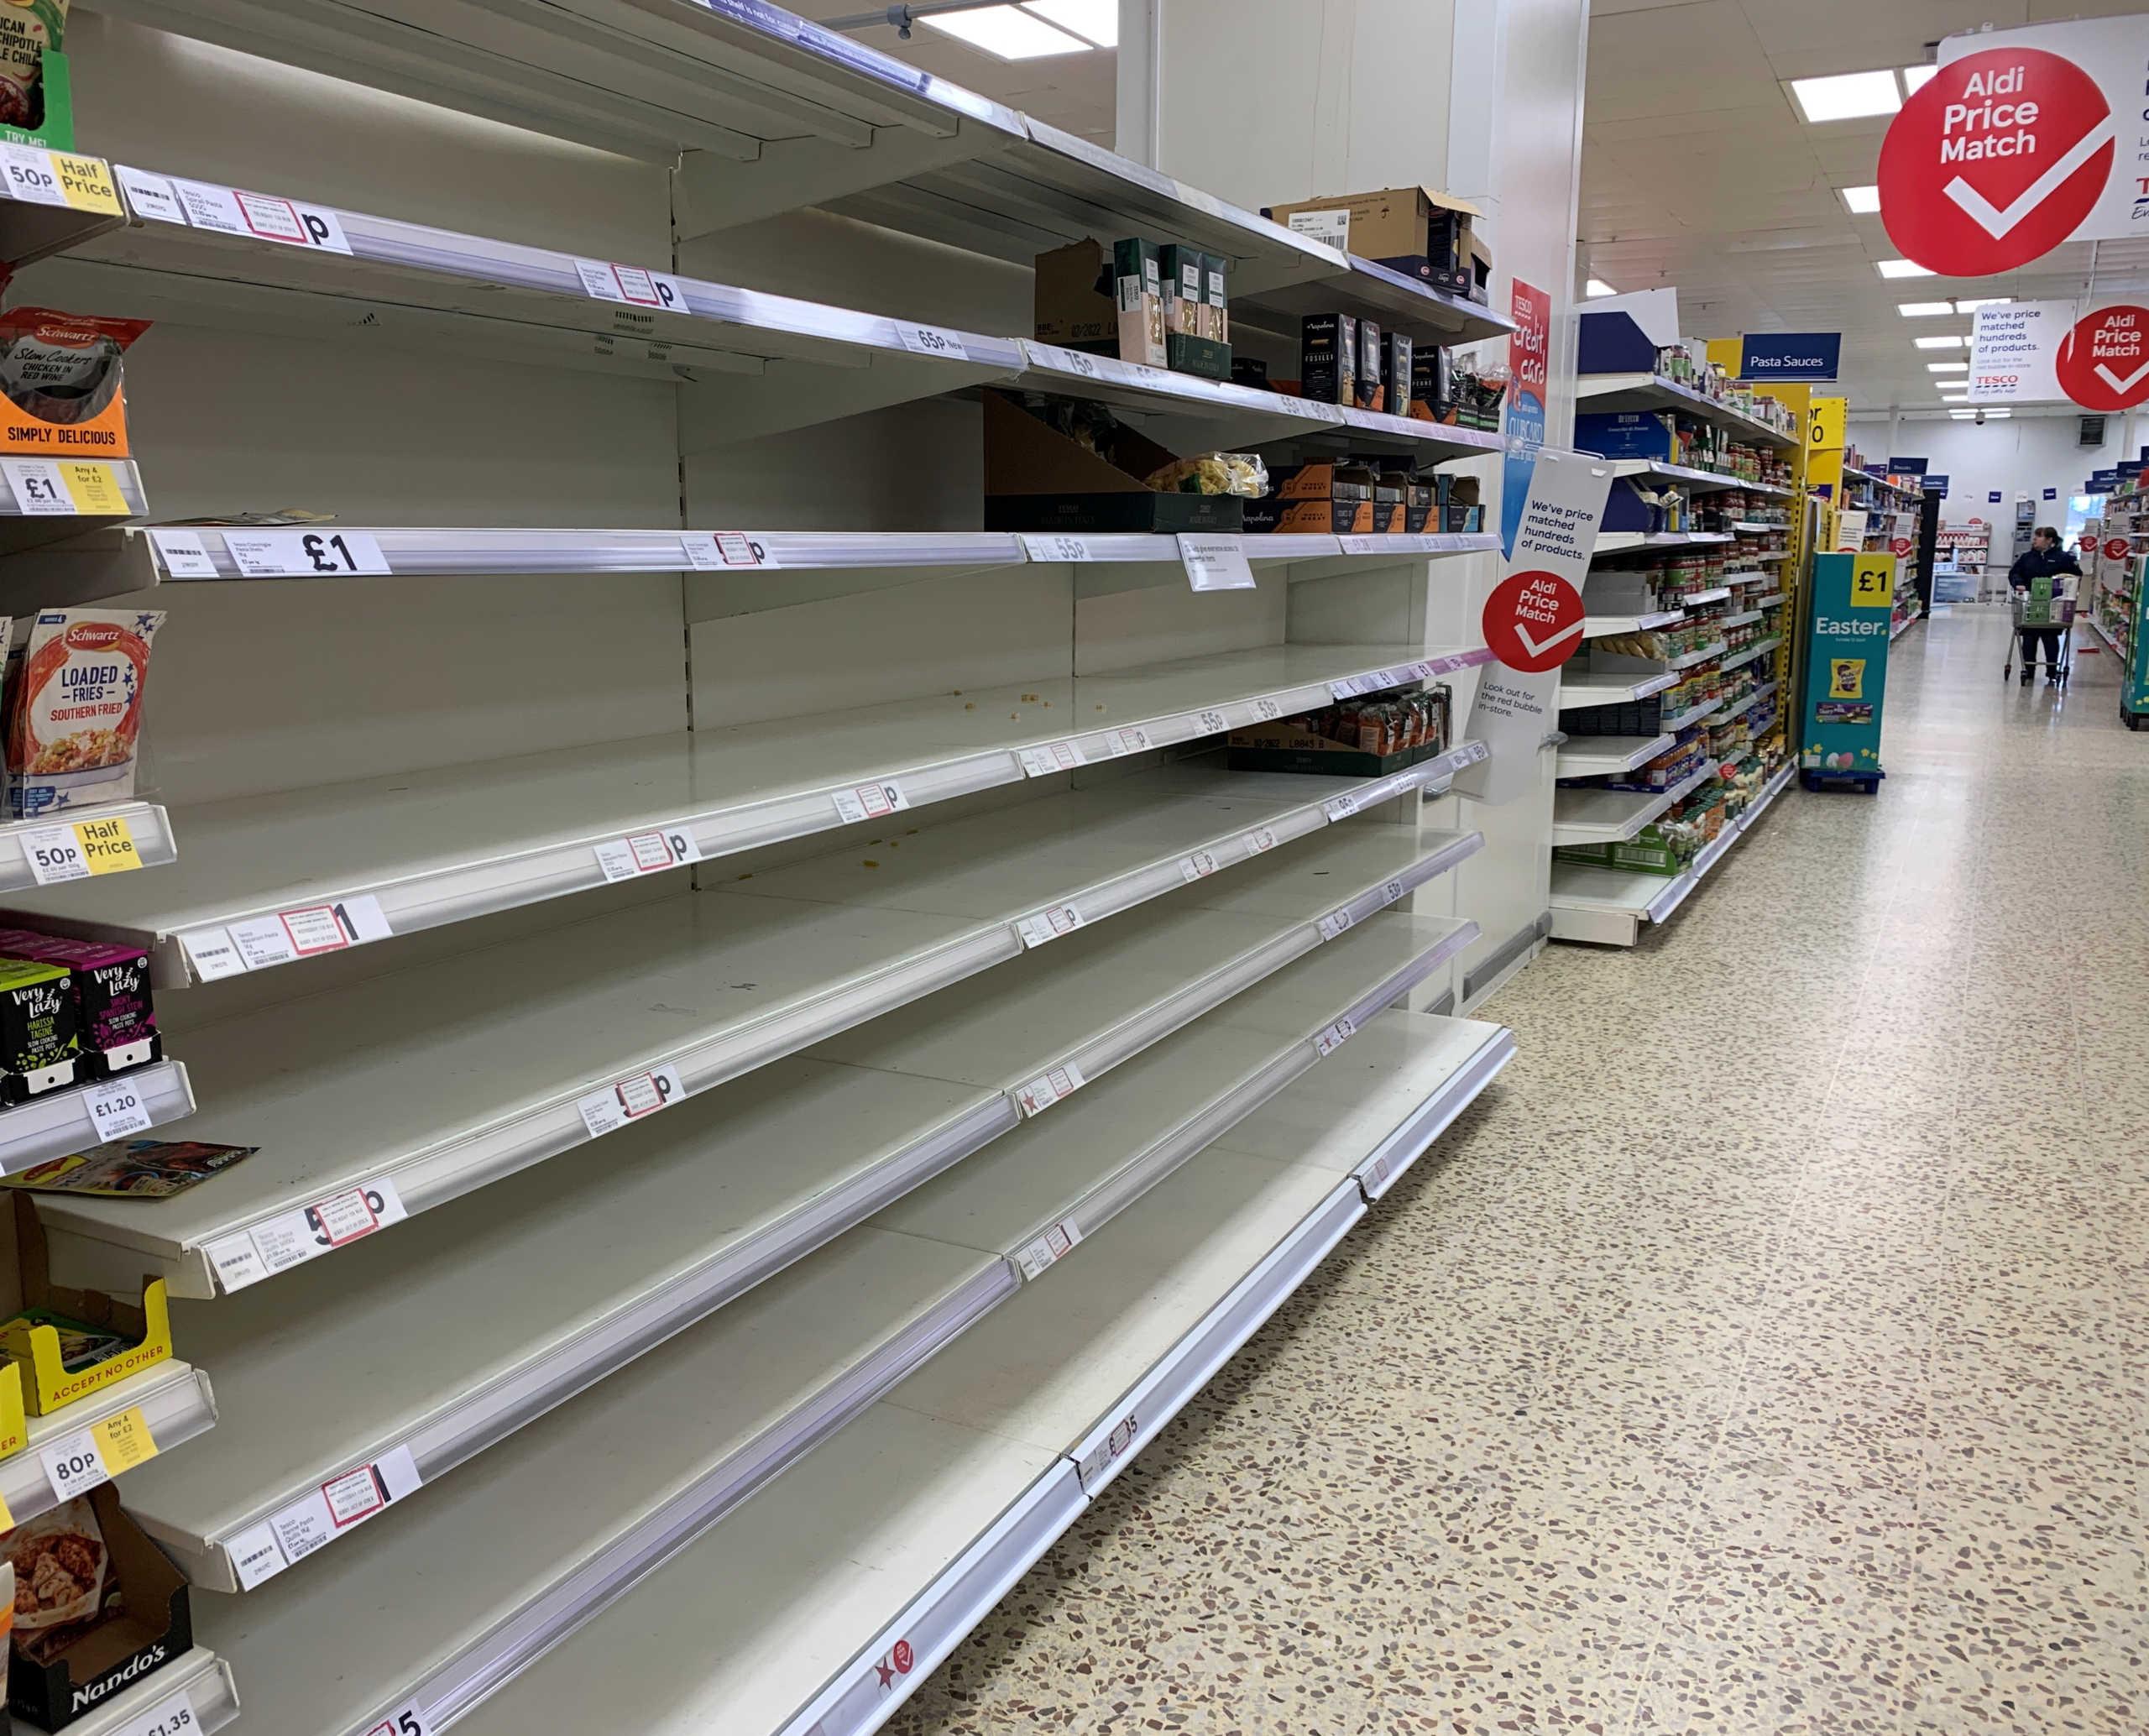 Βρετανία: Θα τους βρουν τα Χριστούγεννα με άδεια ράφια στα σούπερ μάρκετ